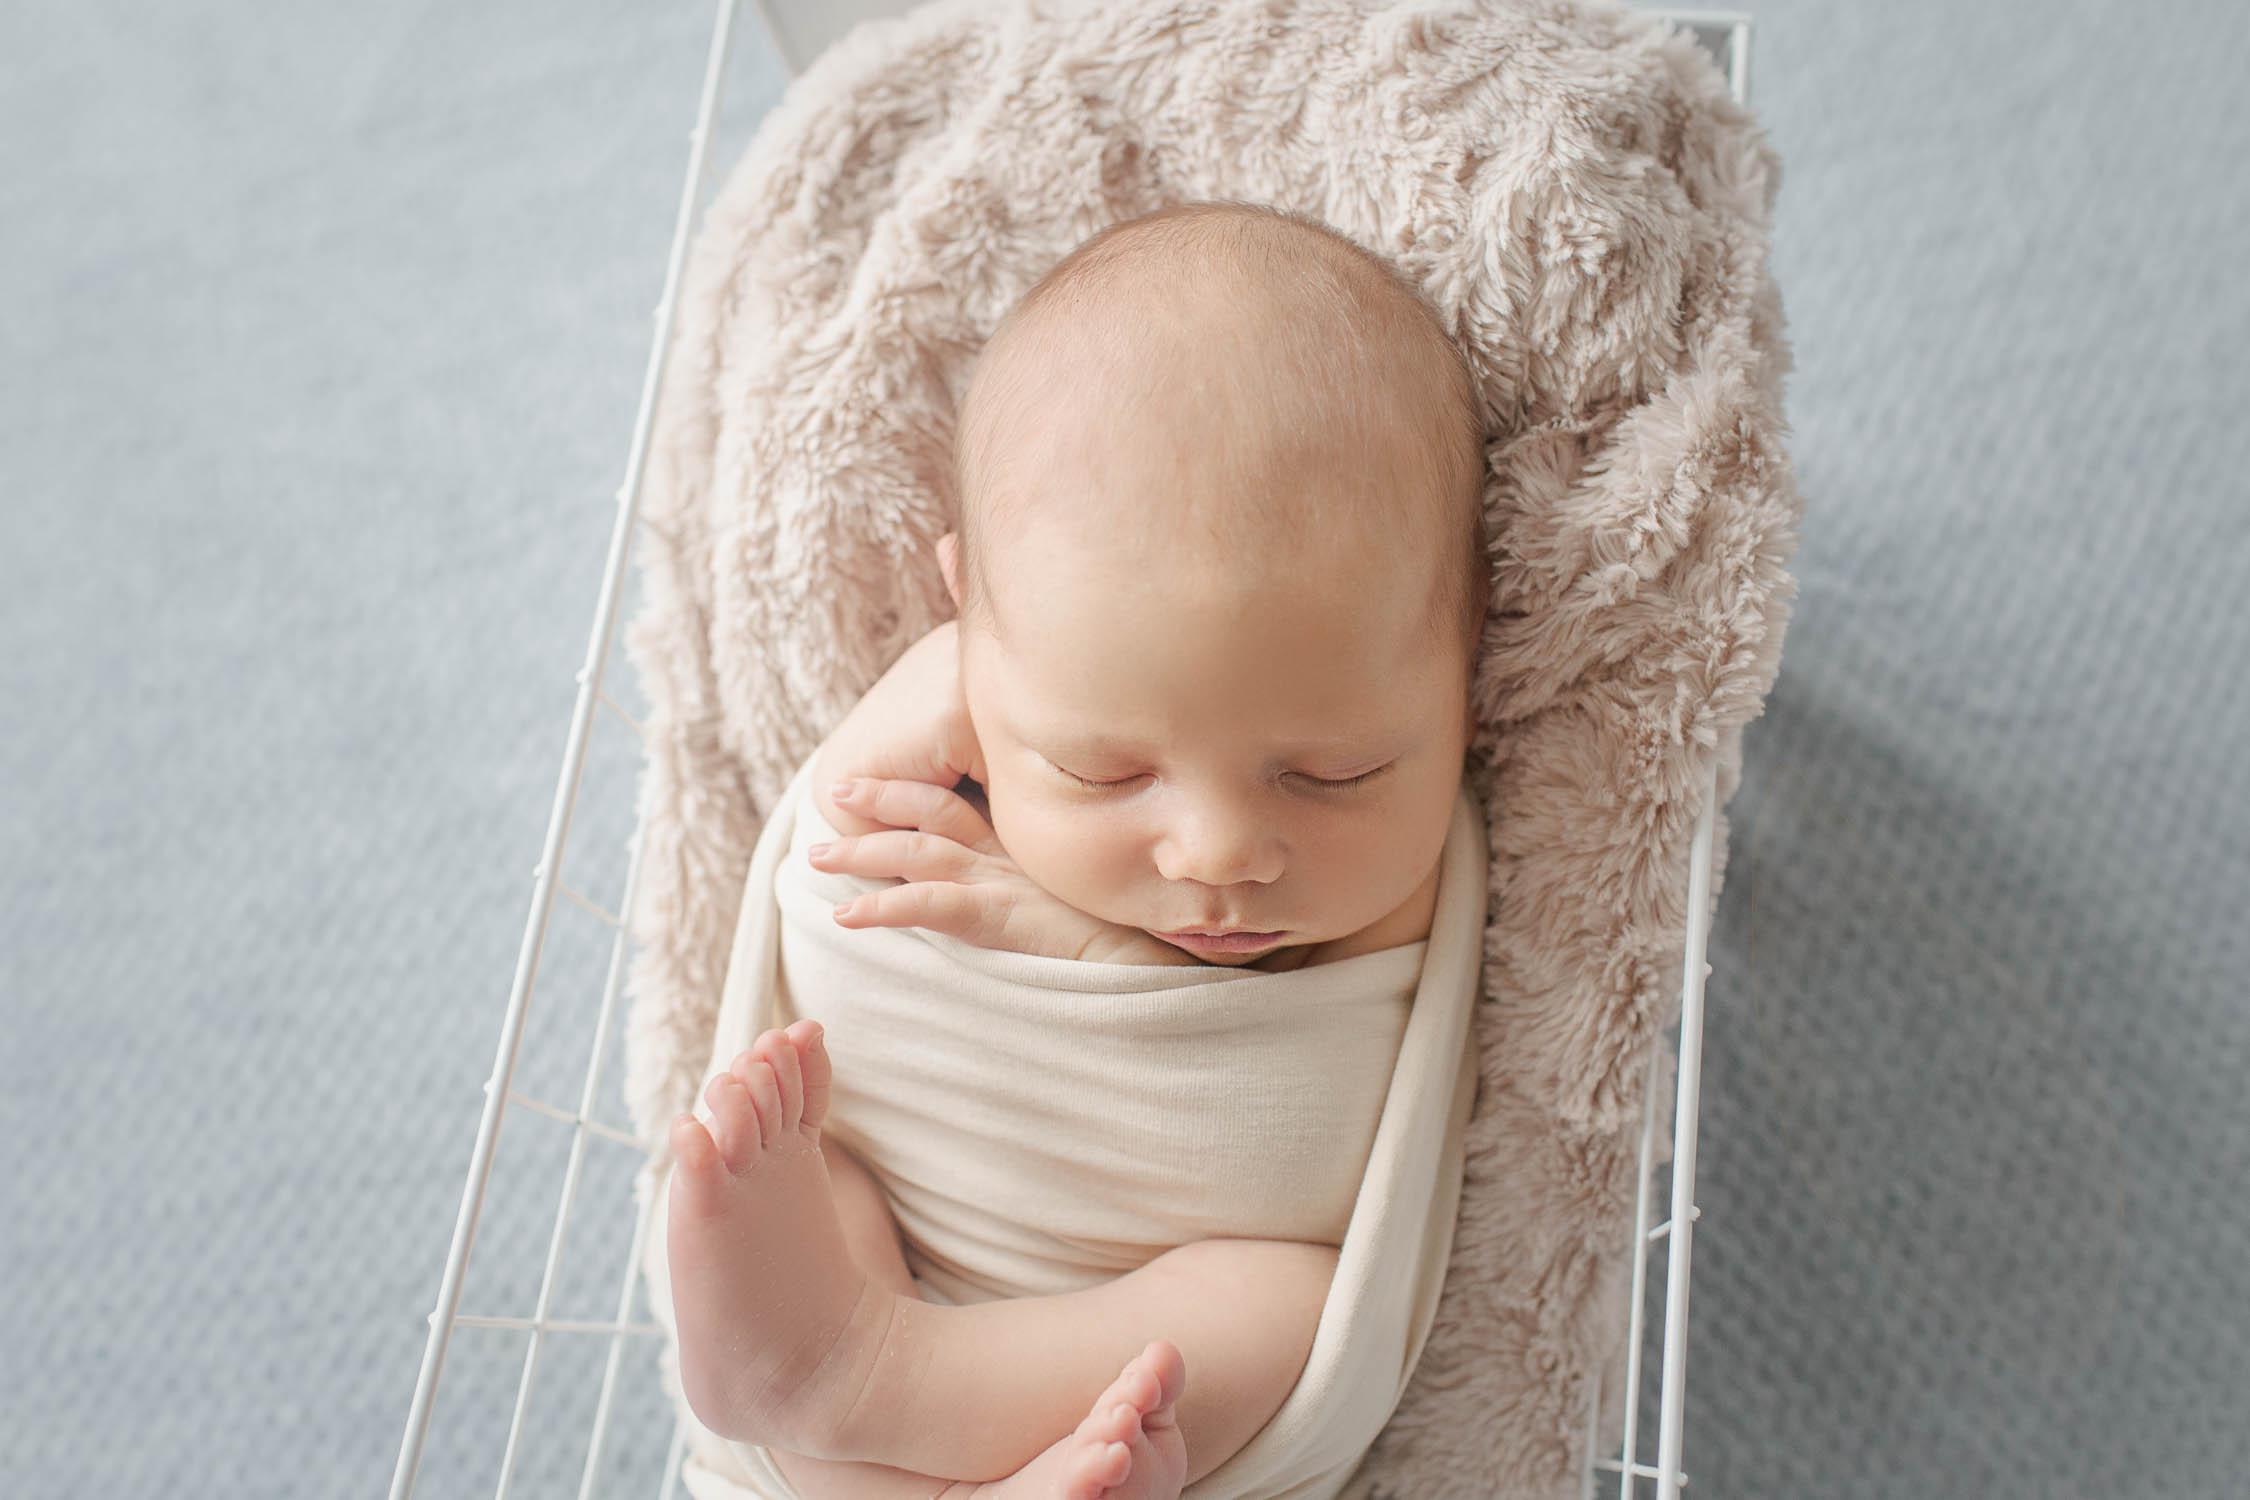 Noé Nouveau-né de 18 jours